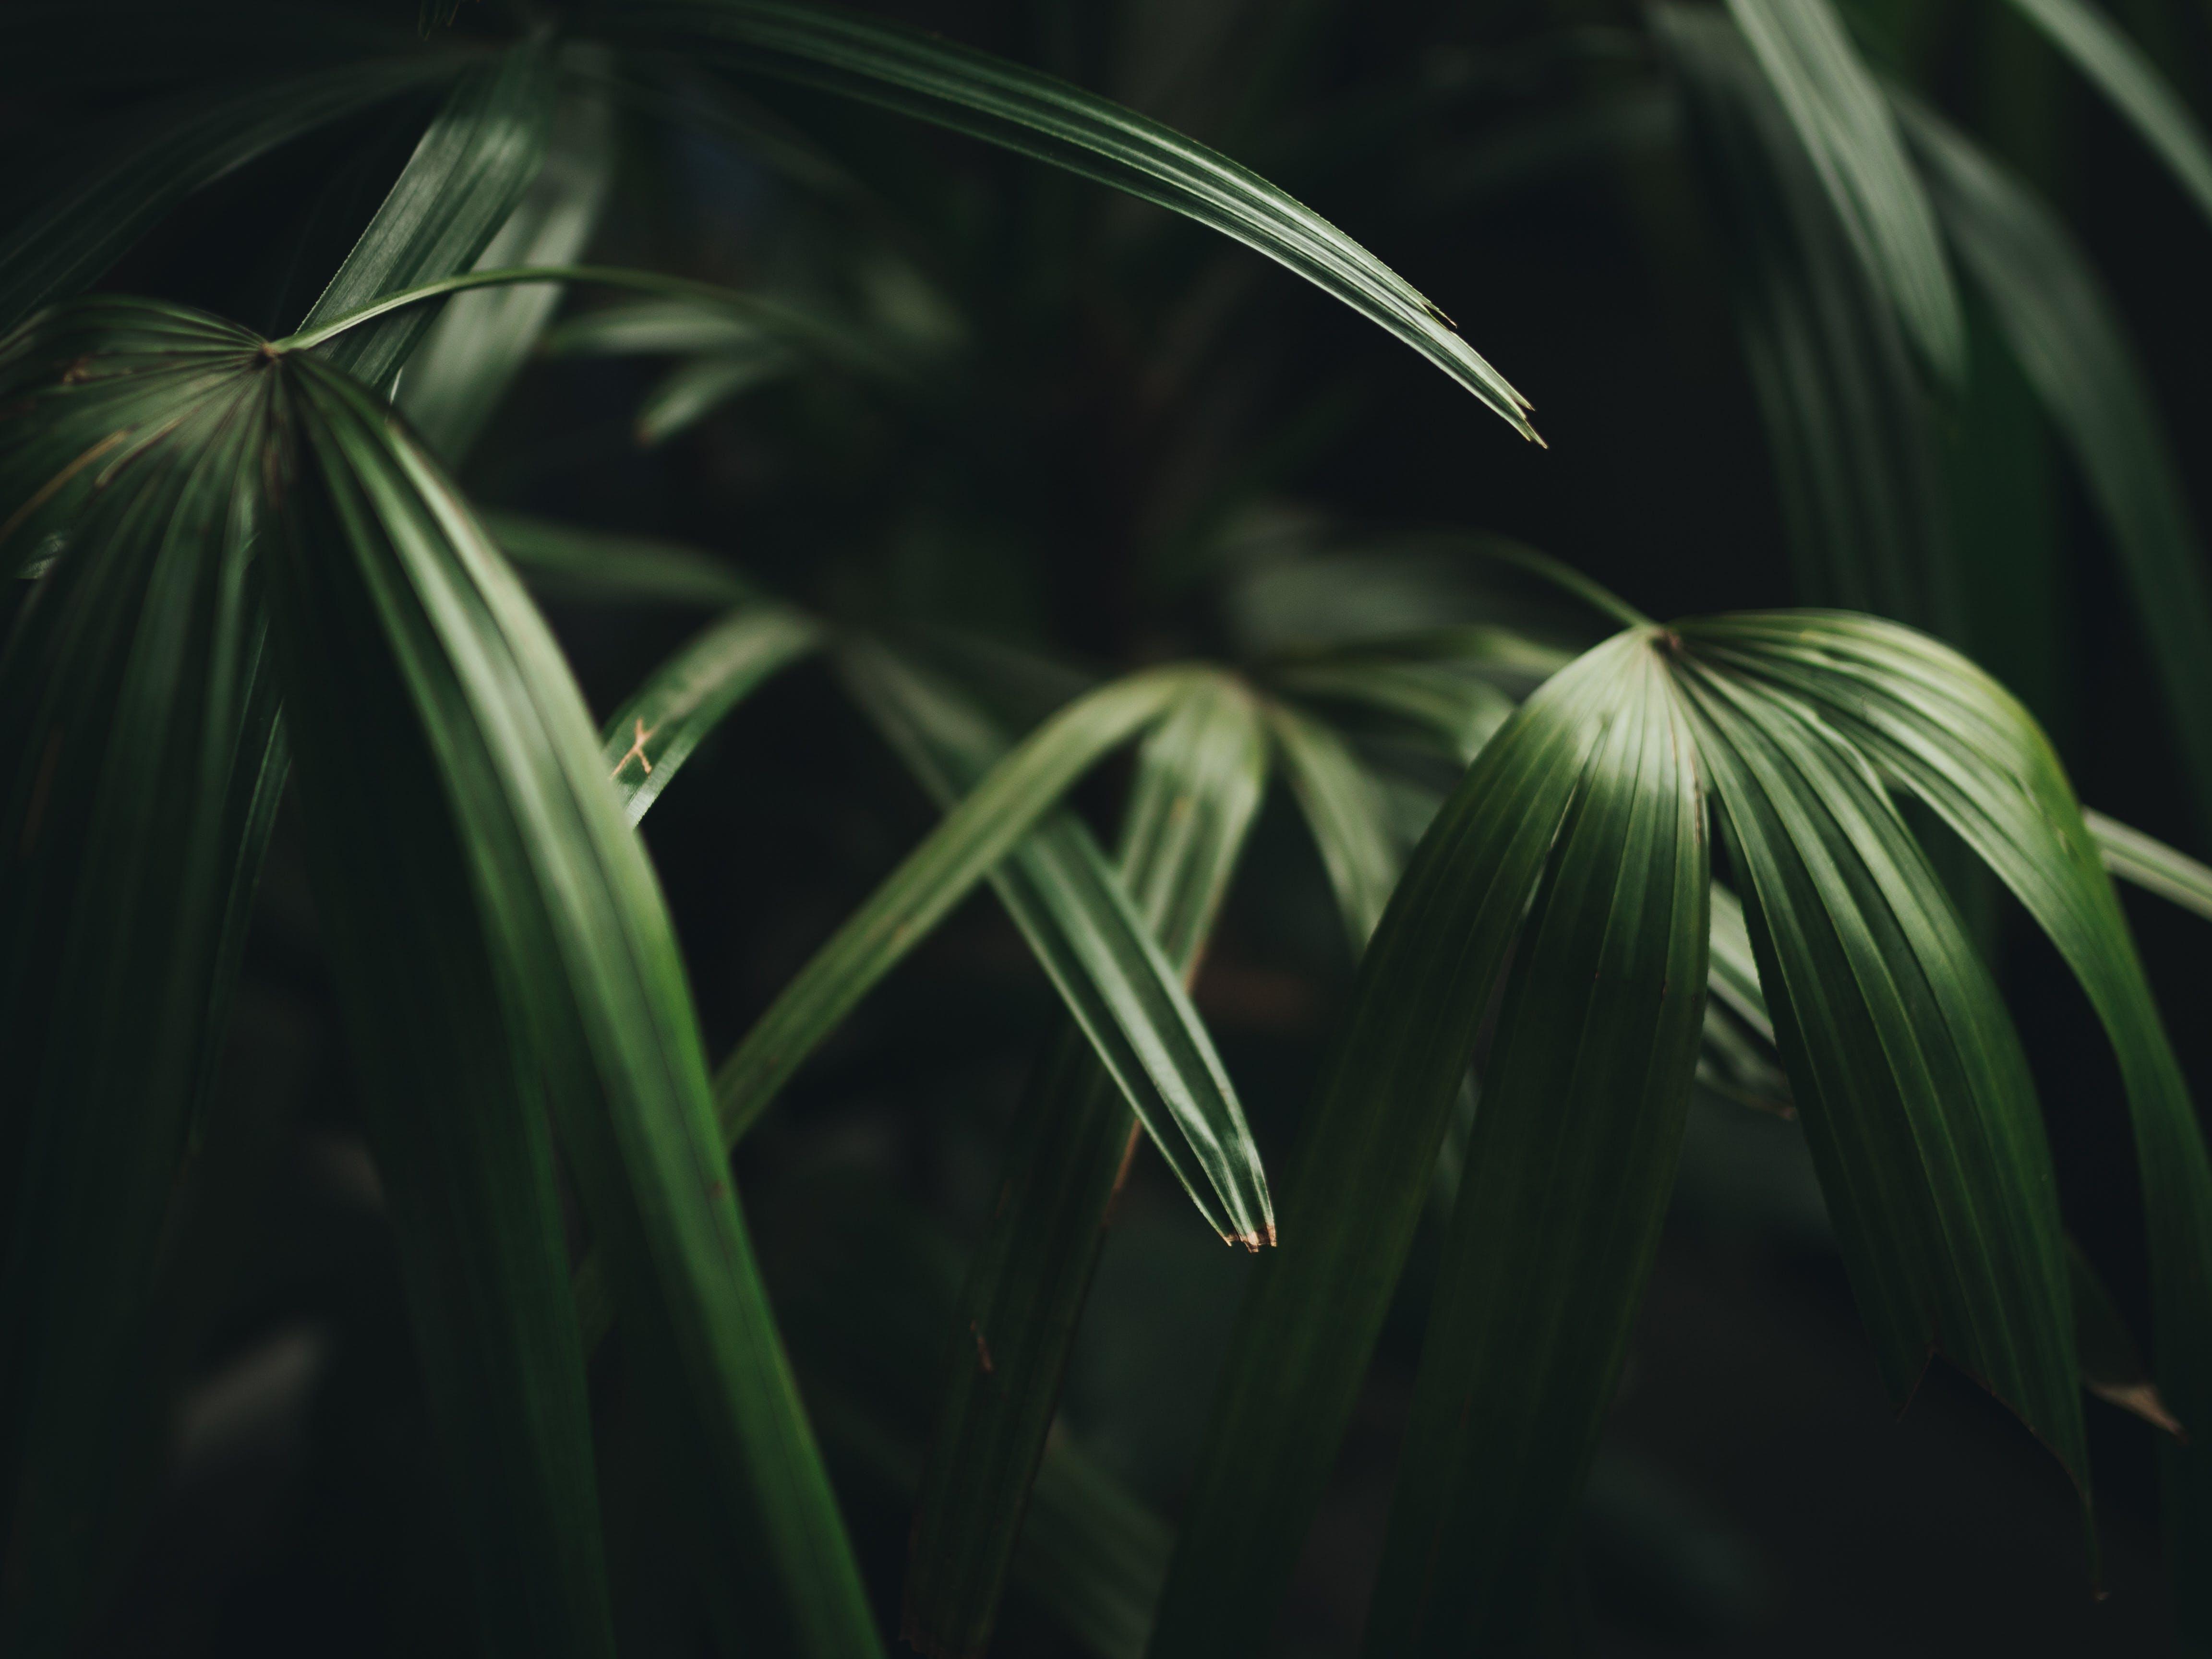 園林植物, 增長, 天性, 戶外 的 免費圖庫相片